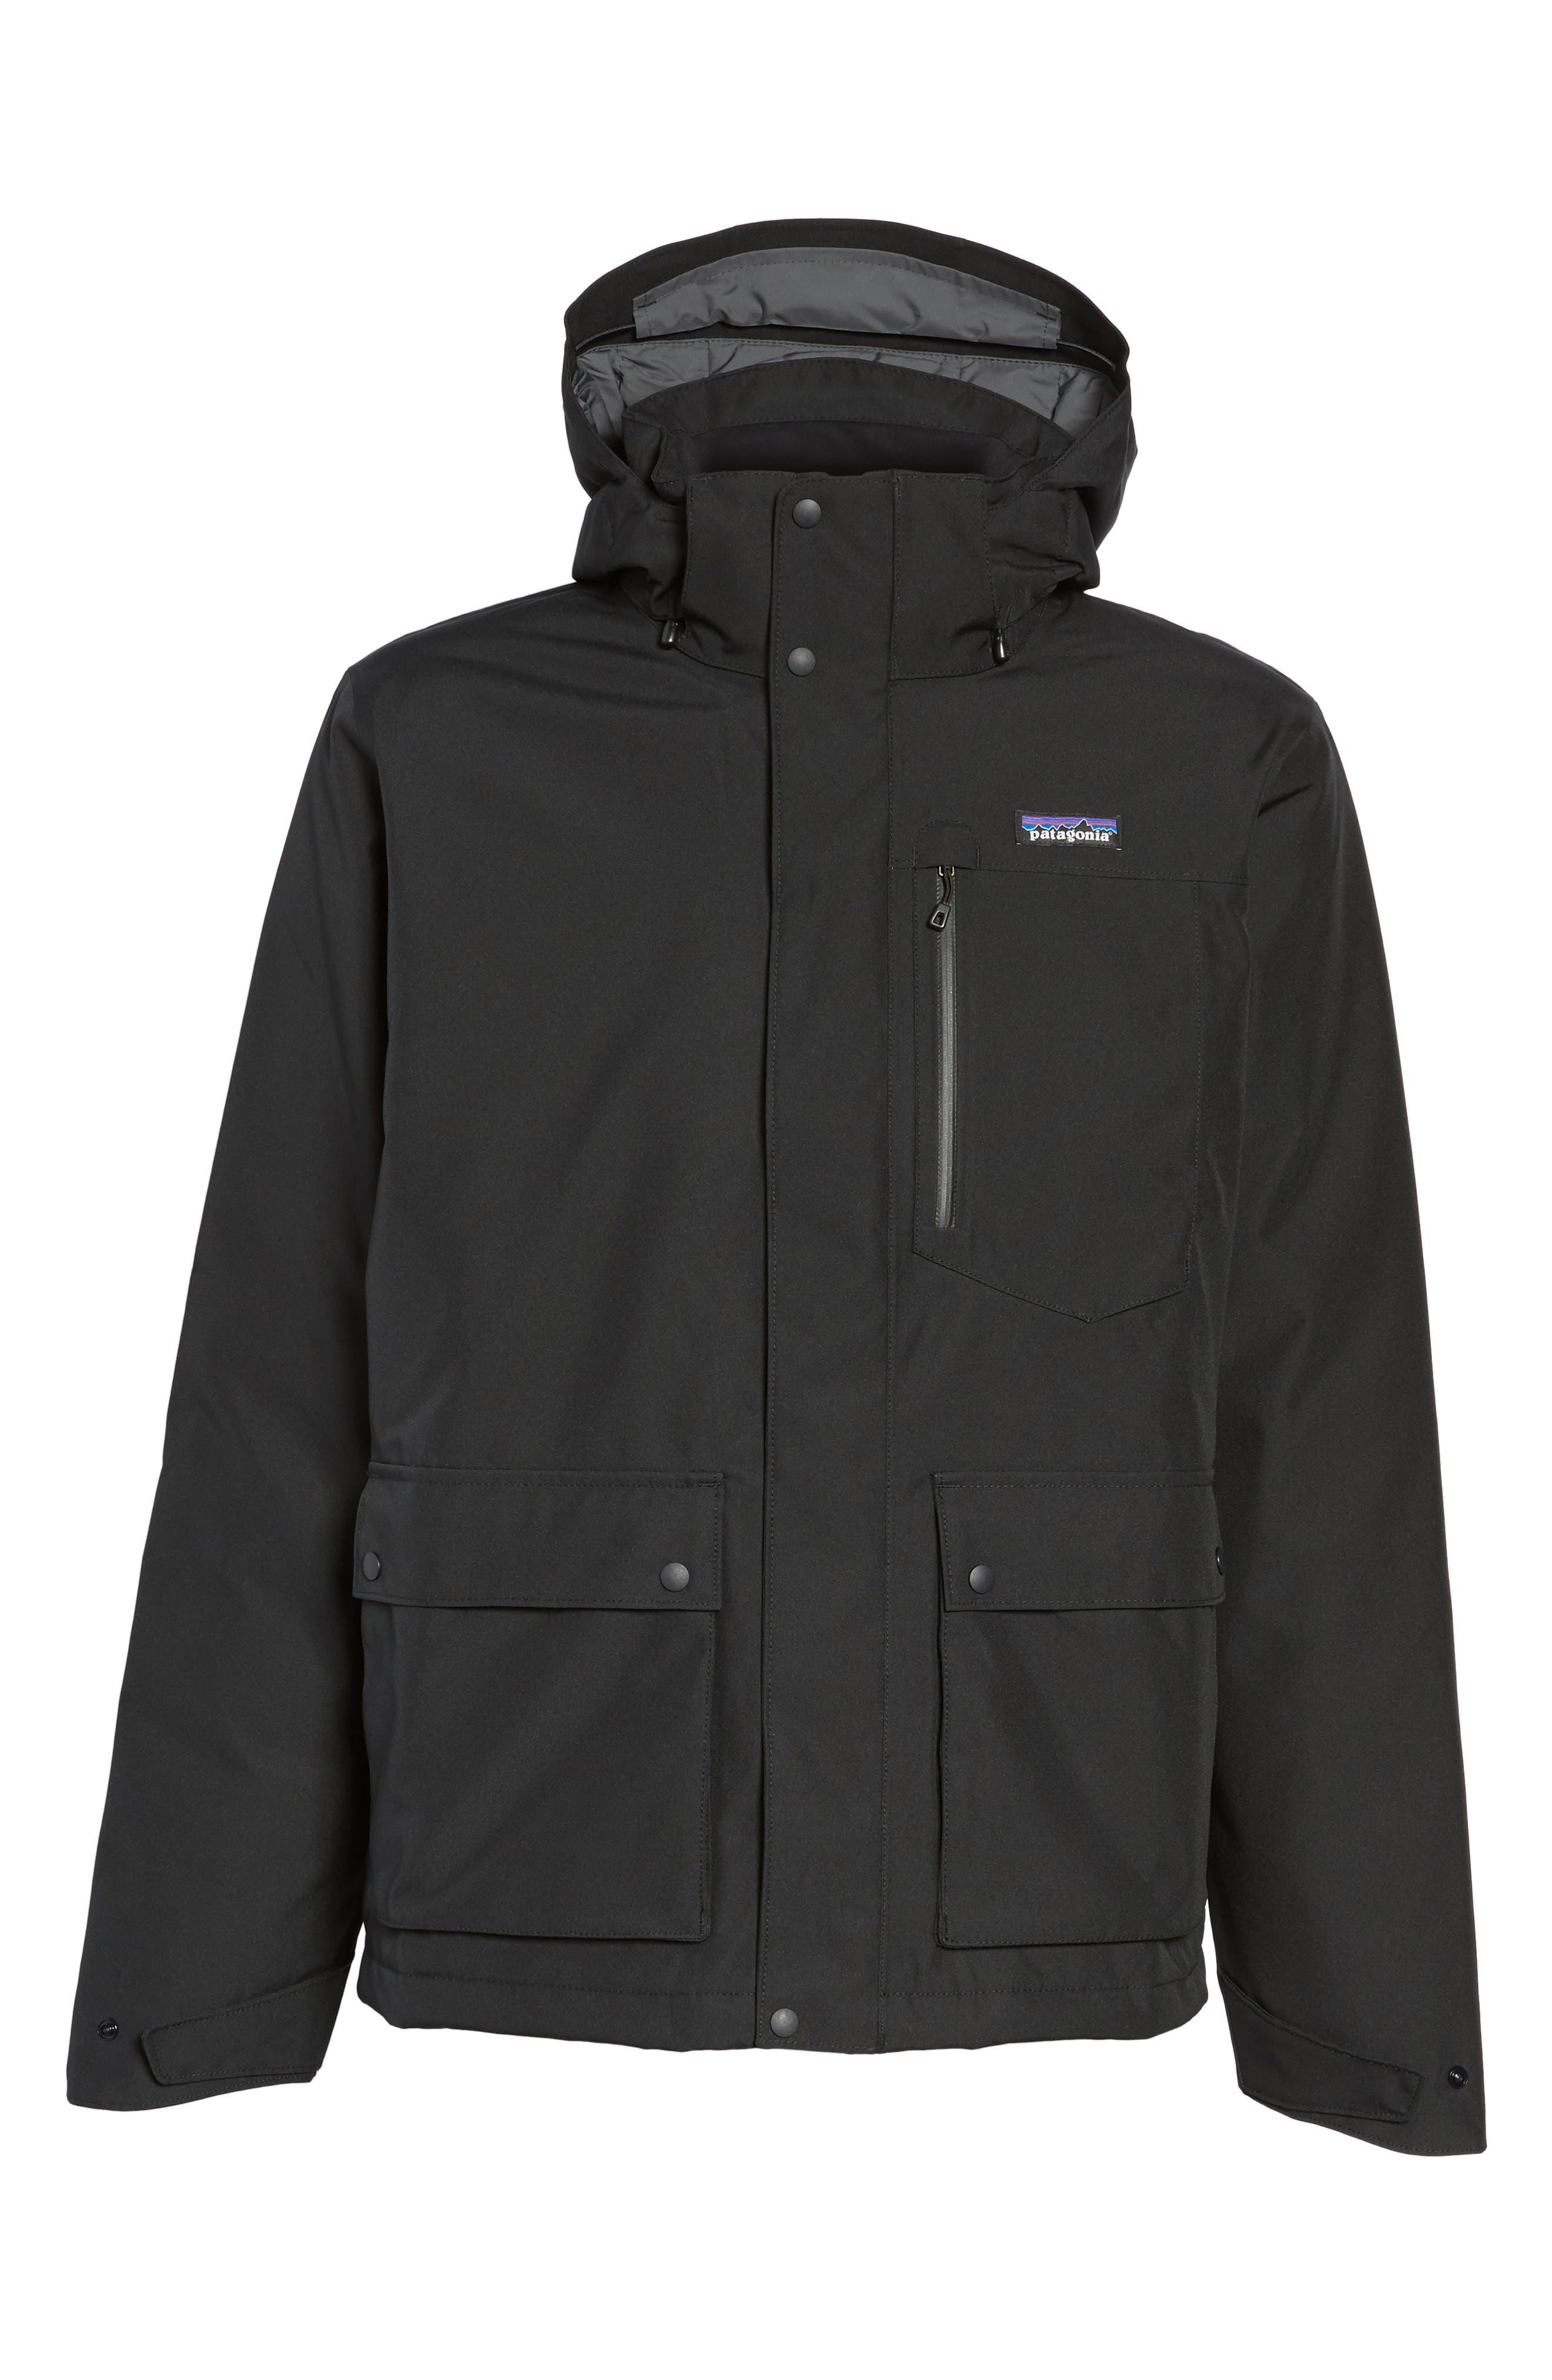 Topley Waterproof Down Jacket,                             Alternate thumbnail 5, color,                             001